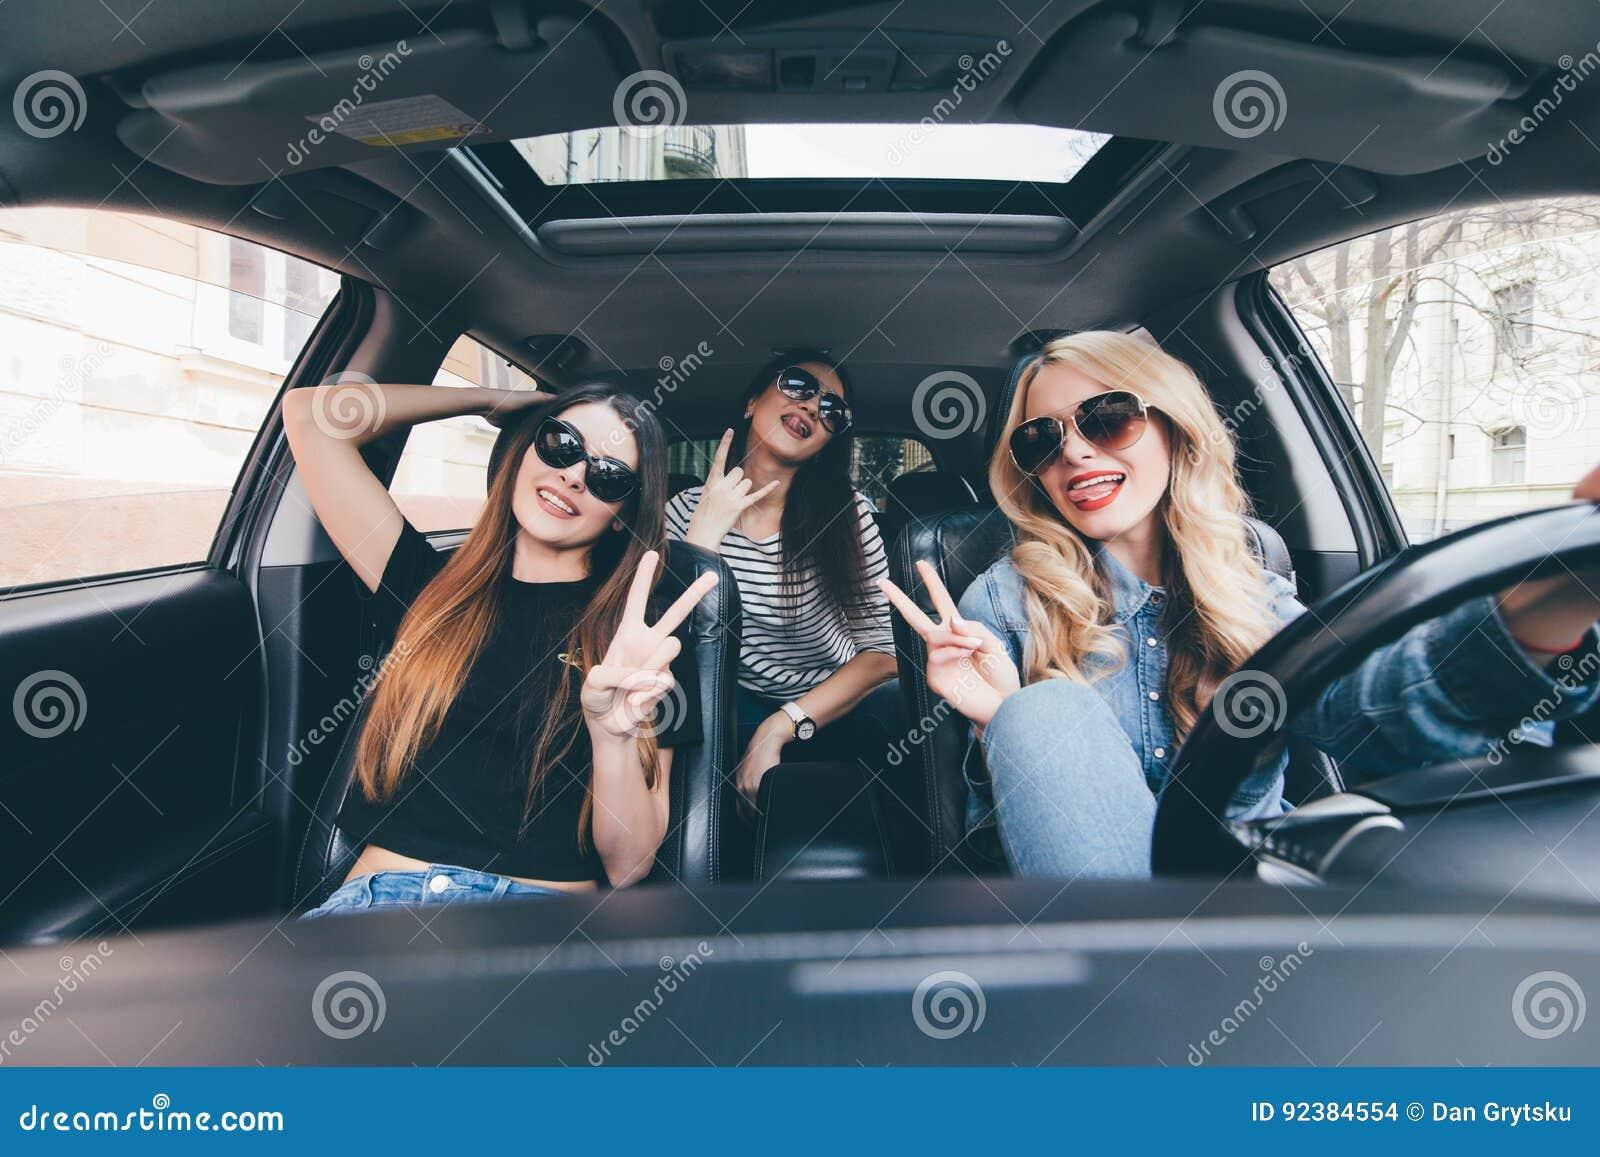 groupe d 39 amis ayant l 39 amusement sur la voiture chant et rire dans la commande de voiture au. Black Bedroom Furniture Sets. Home Design Ideas